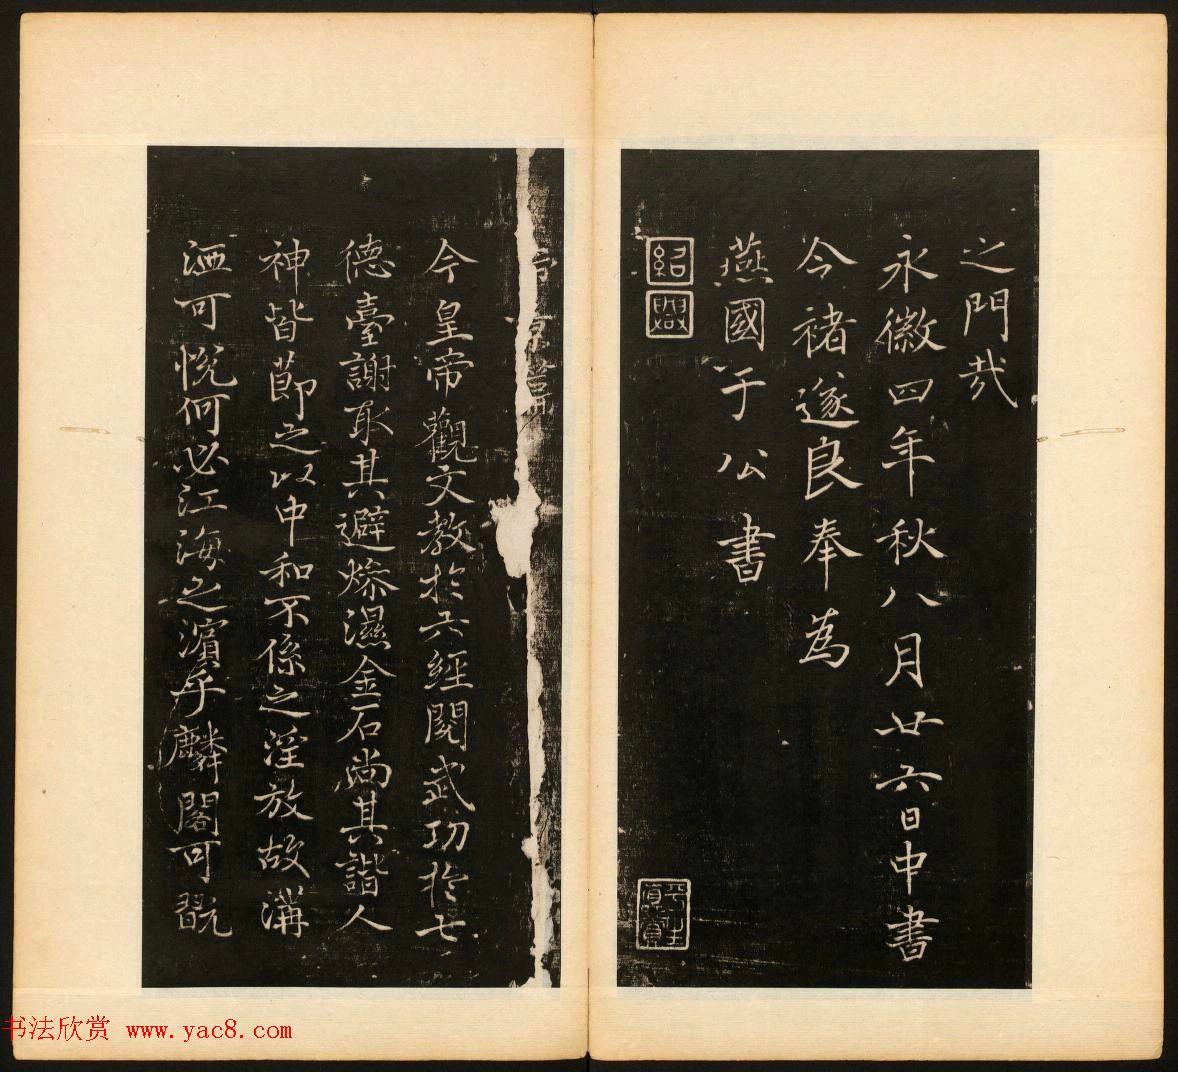 明末刻本《戏鸿堂法帖》卷六卷七合辑